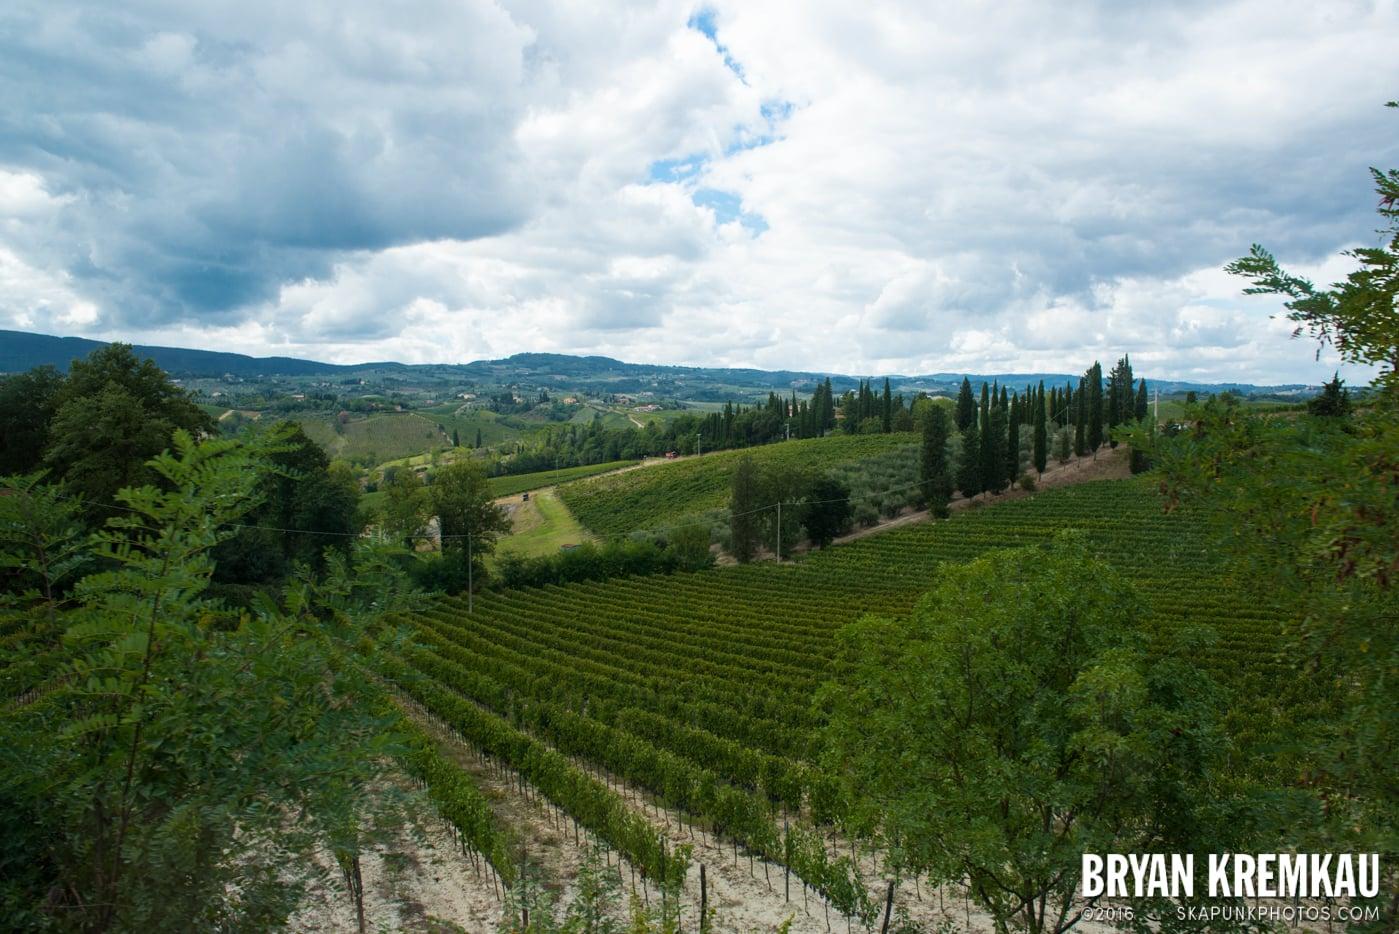 Italy Vacation - Day 8: Siena, San Gimignano, Chianti, Pisa - 9.16.13 (80)